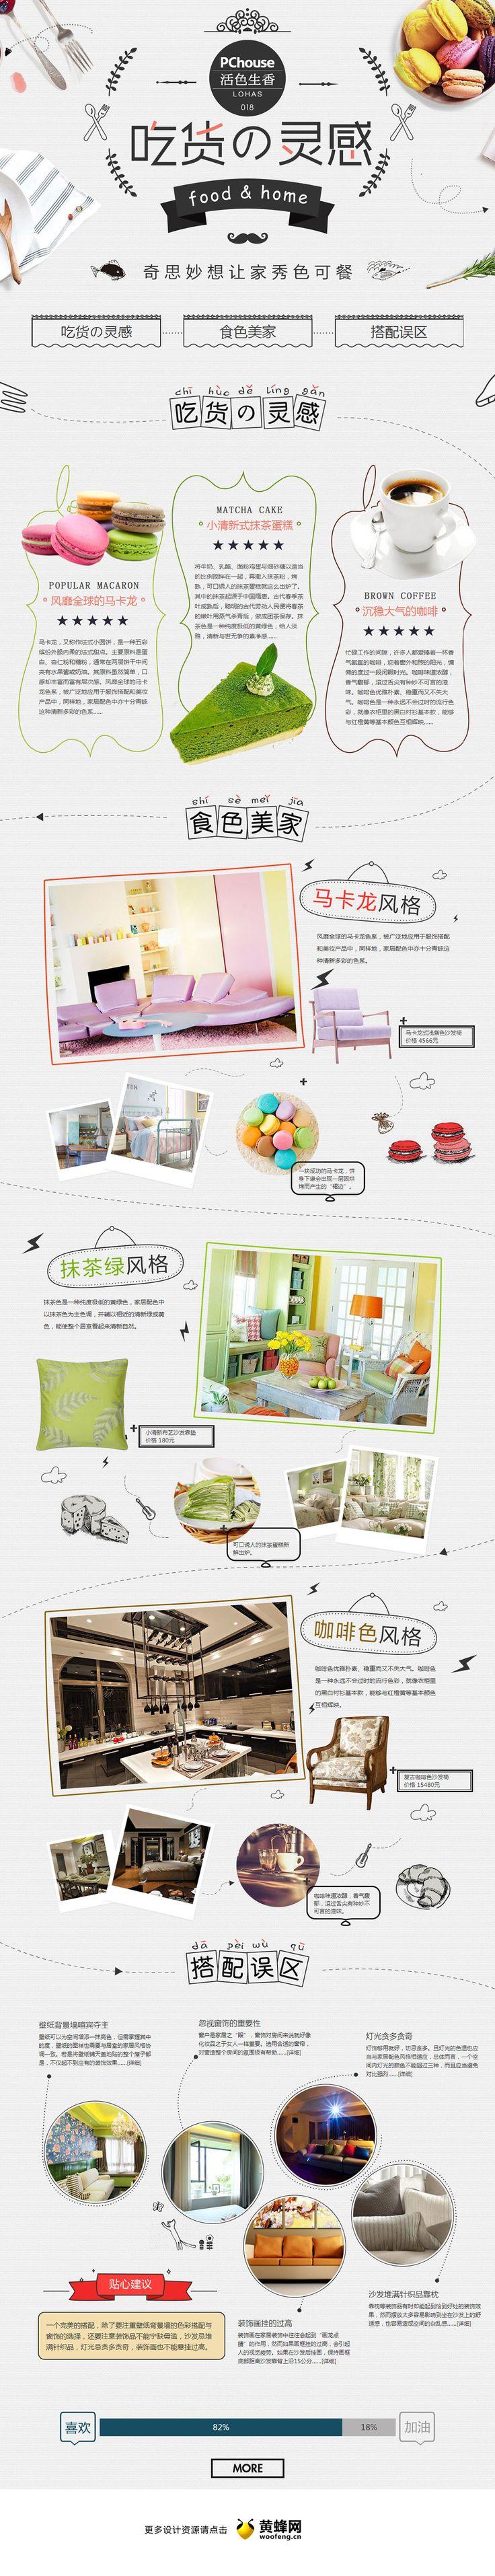 http://life.pchouse.com.cn/144/zt1440632.html #web #design 美食与家居的色彩关联 家居专题,来源自黄蜂网http://woofeng.cn/